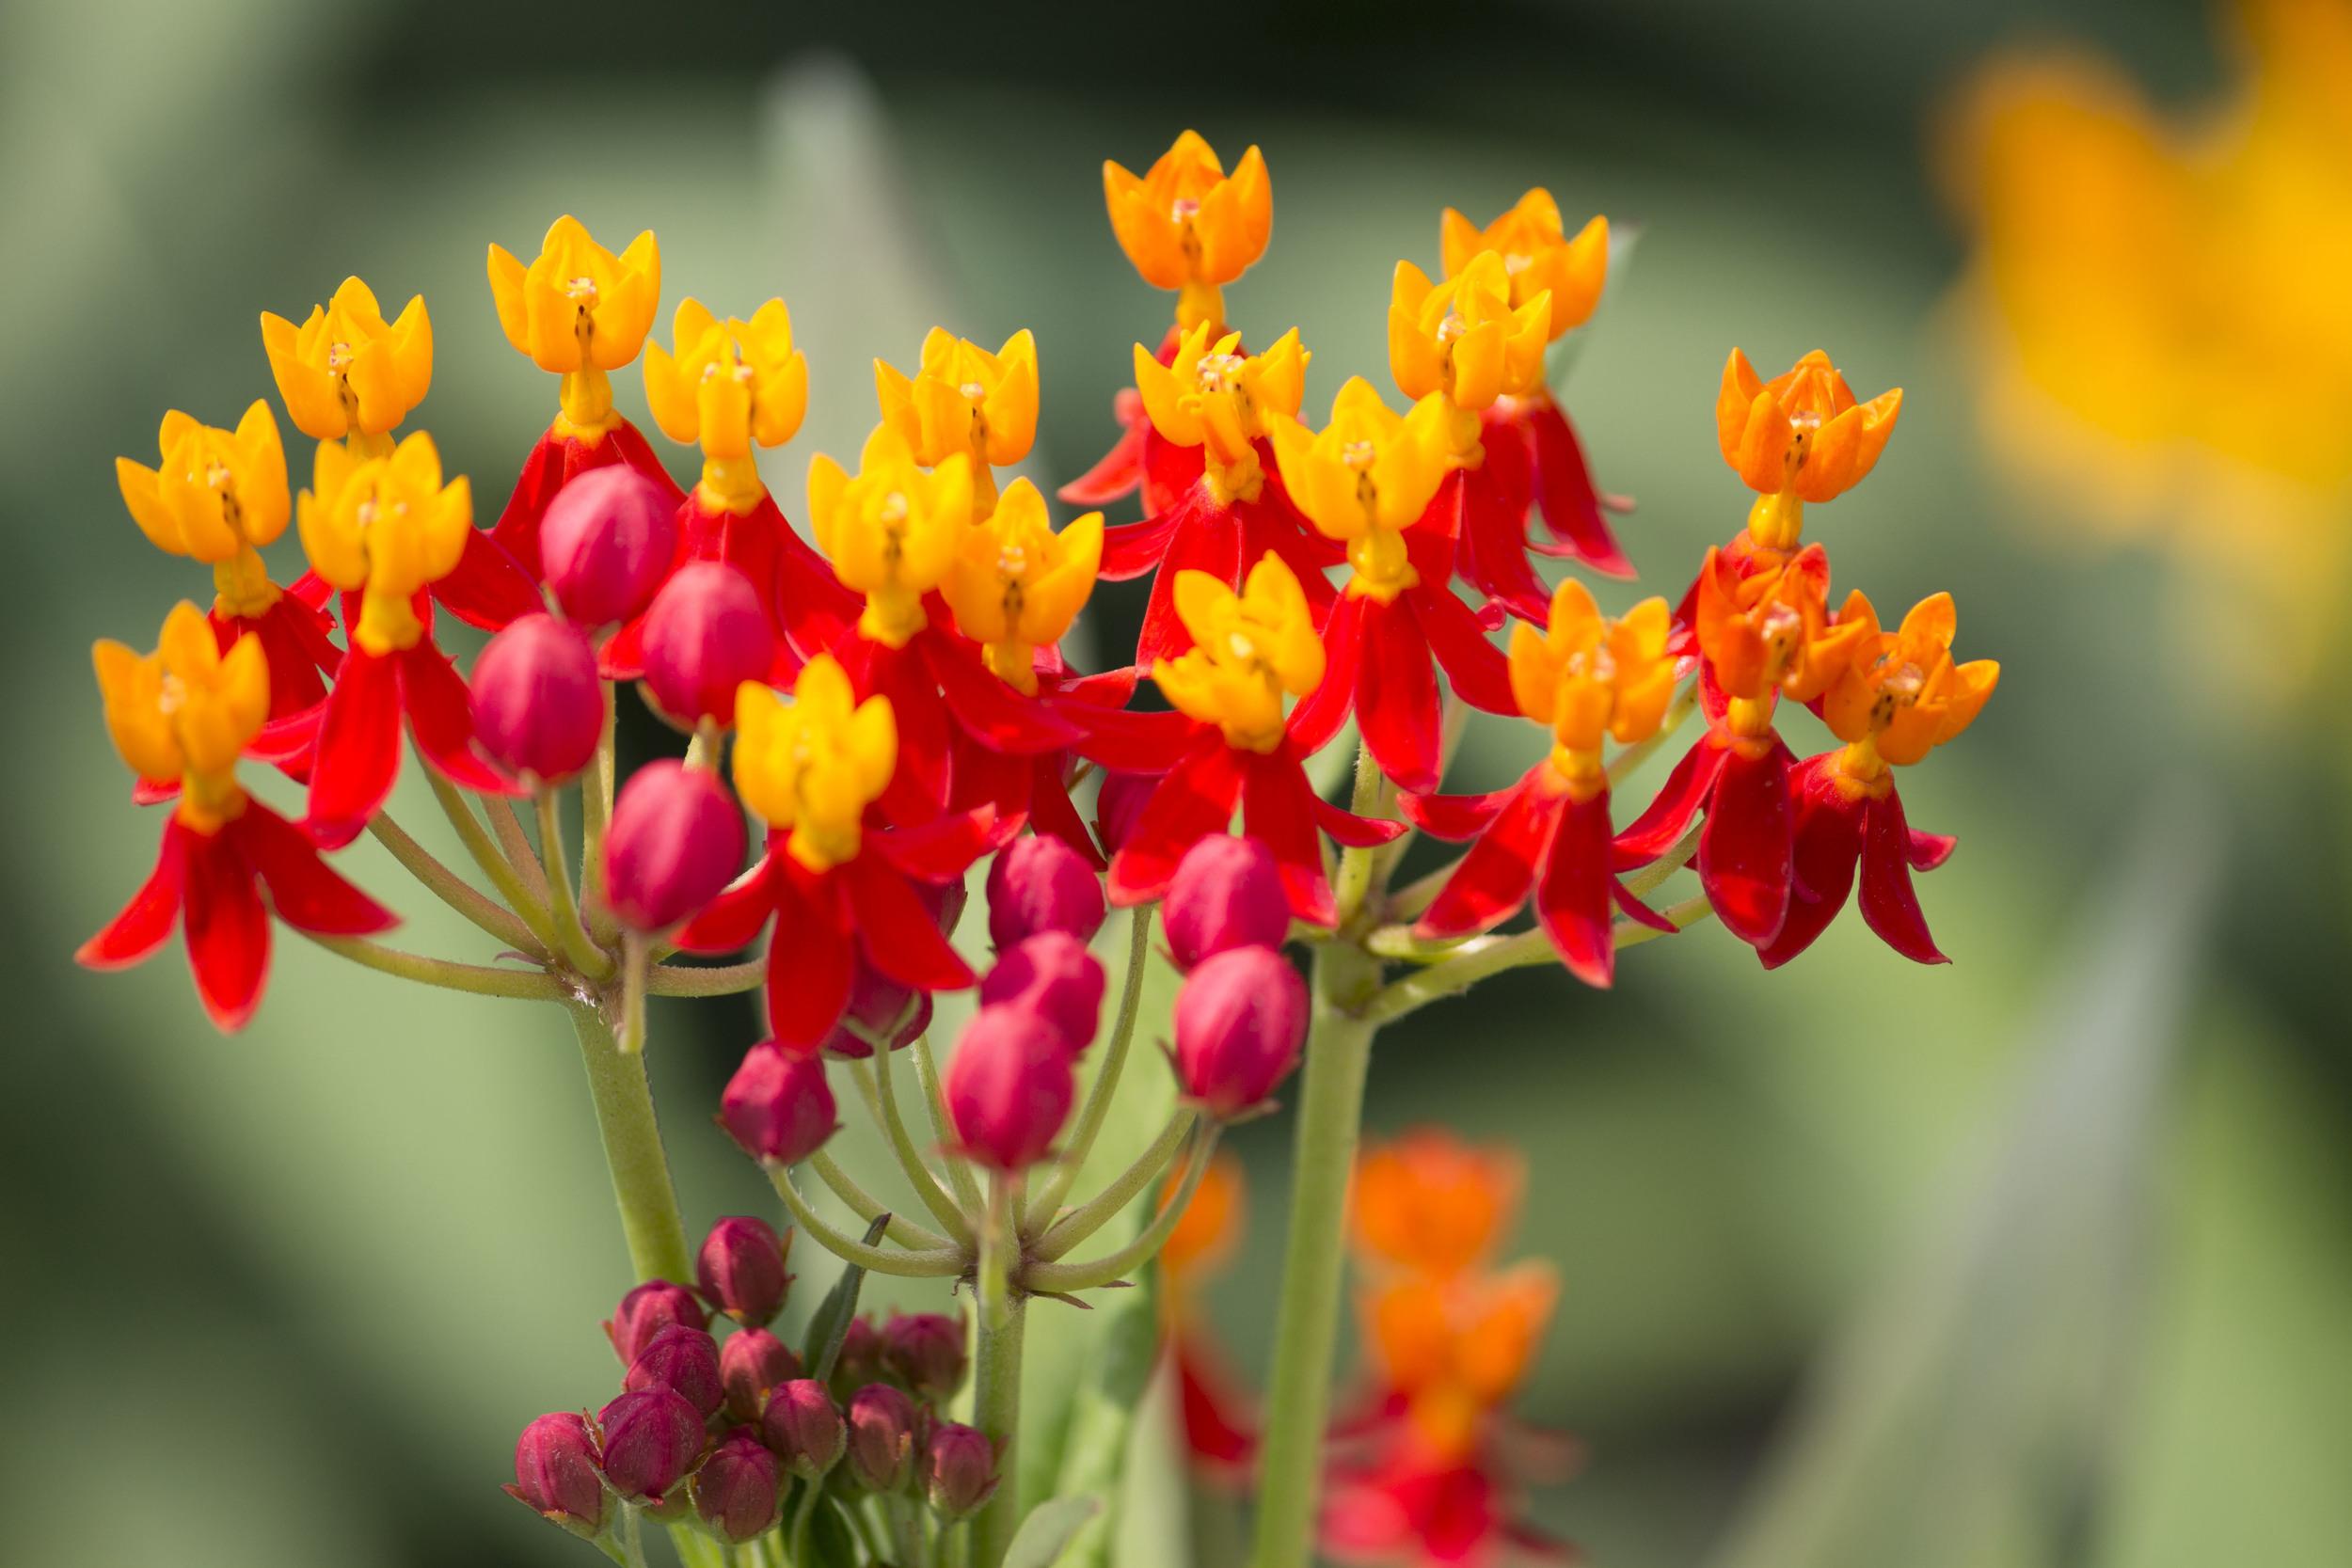 Flowers - Jess Rudolph Photography: www.jessrudolph.com